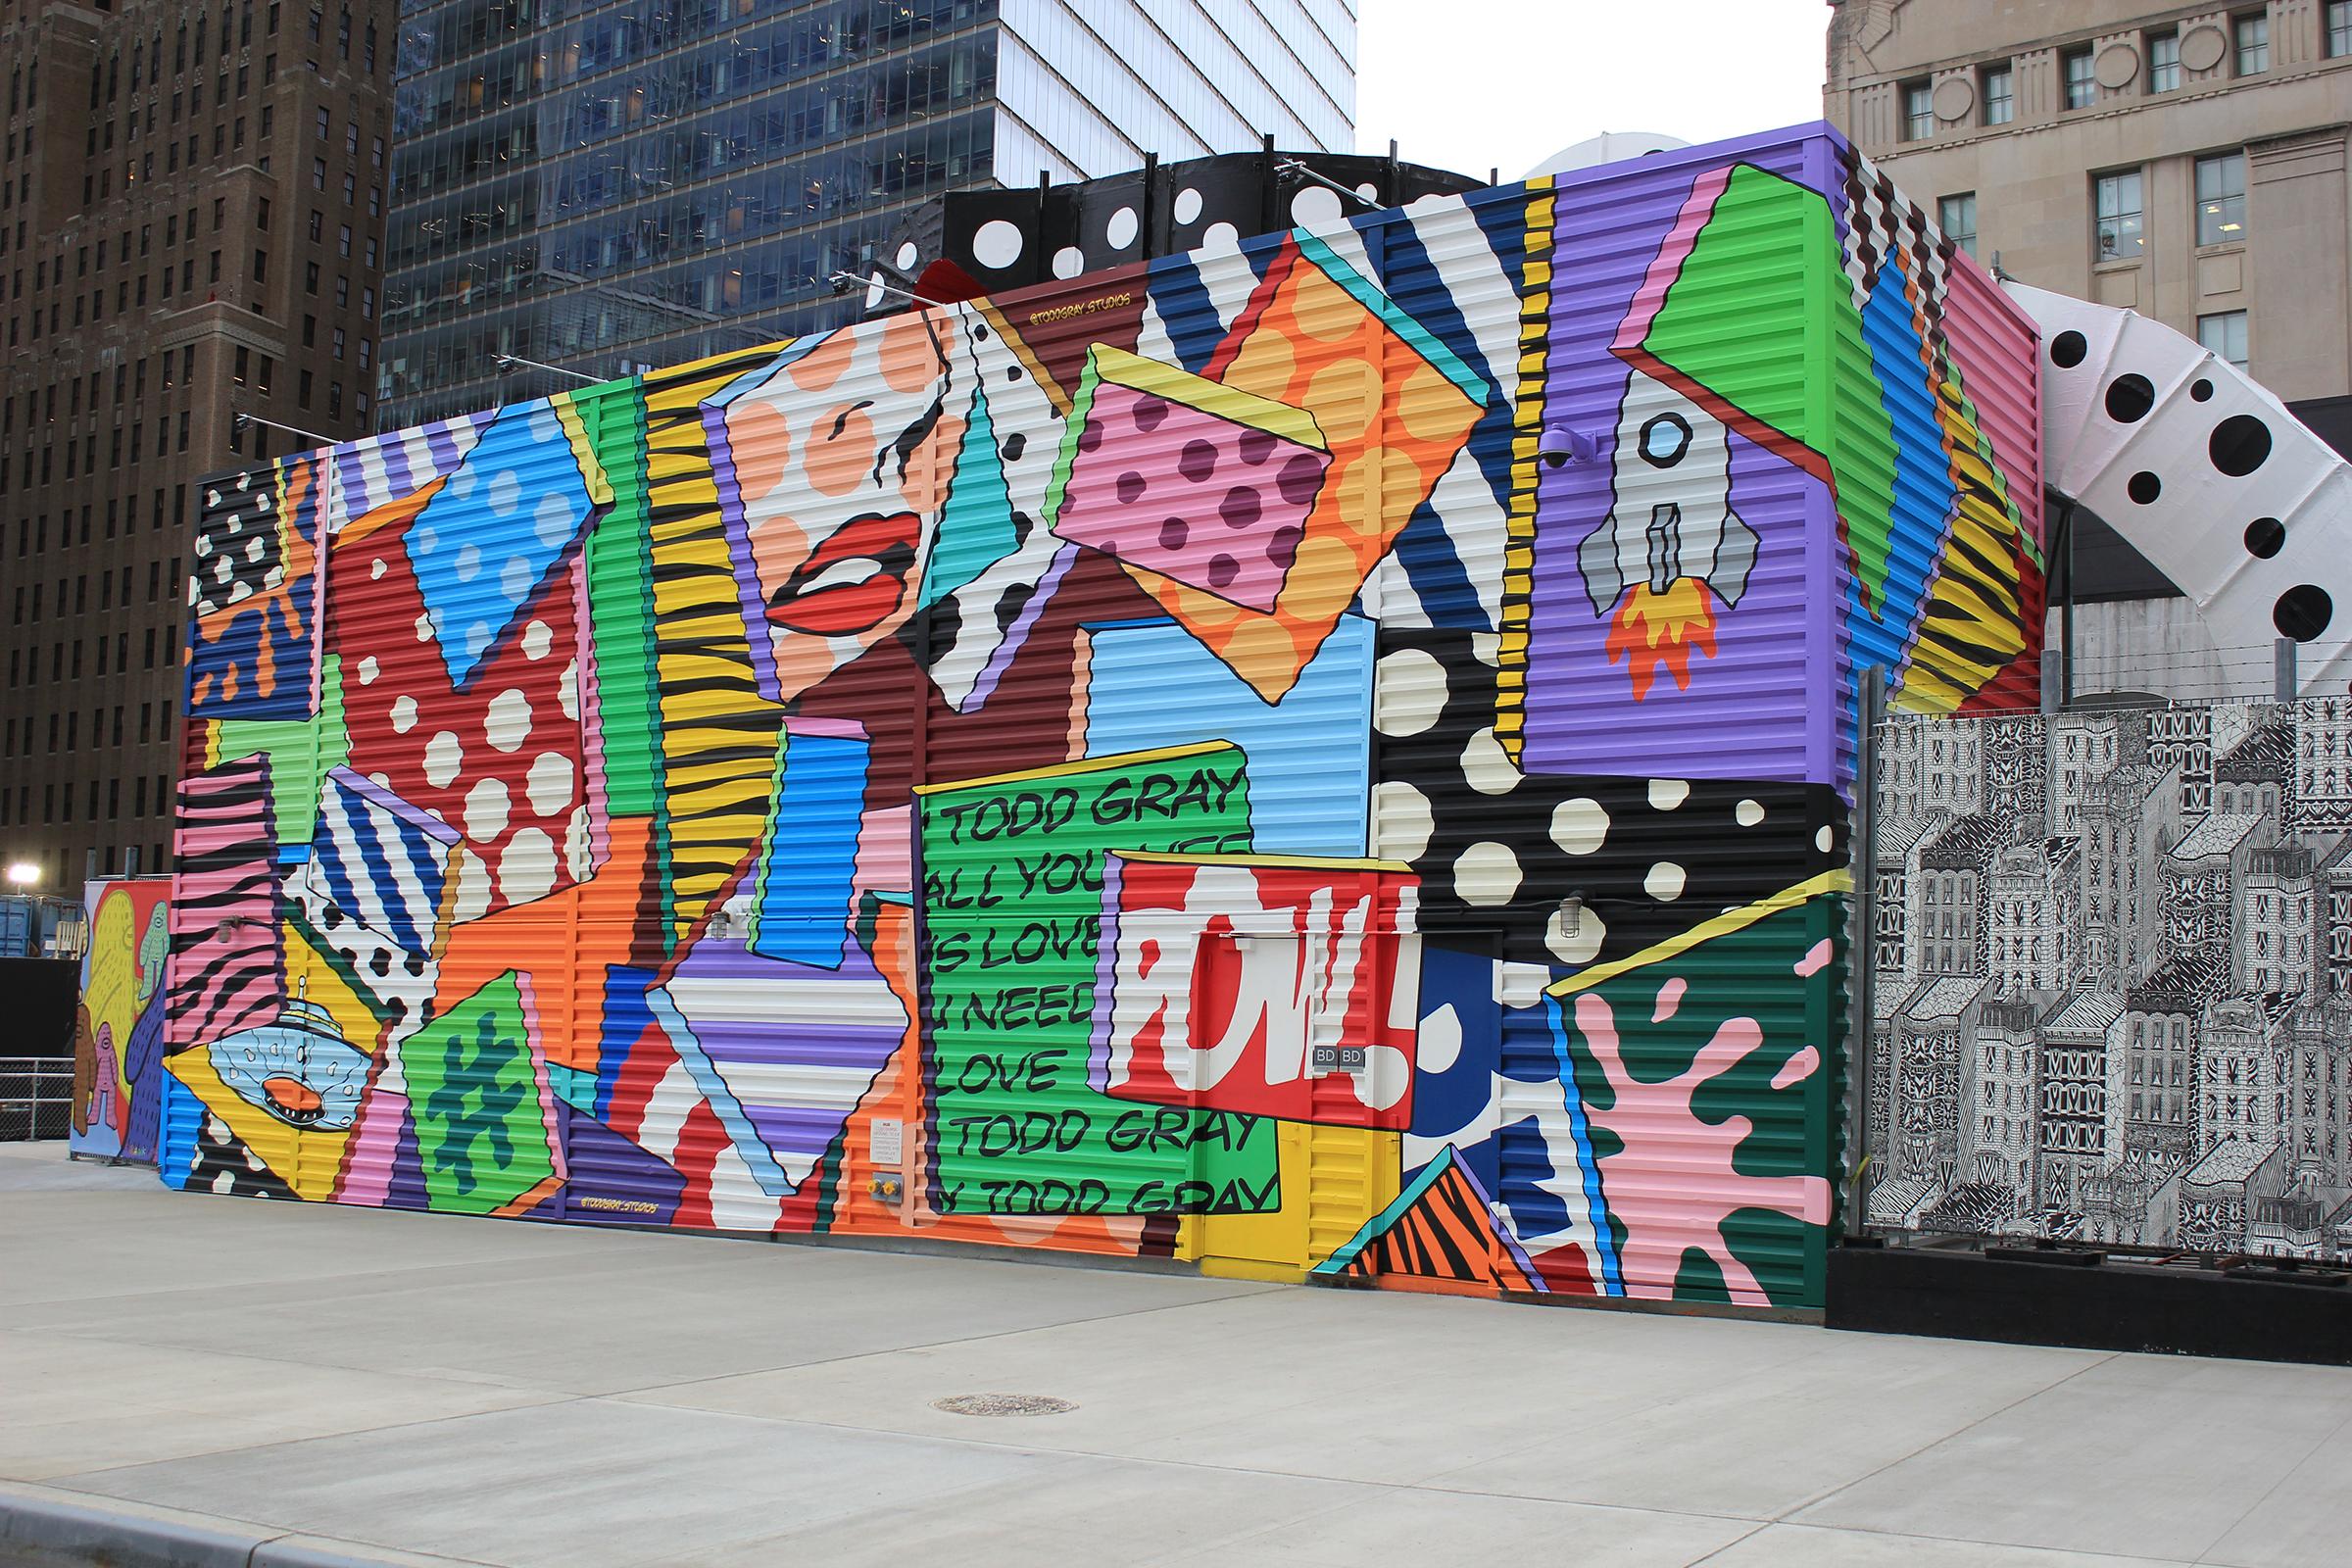 TODD GRAY WTC MURAL 1.jpg